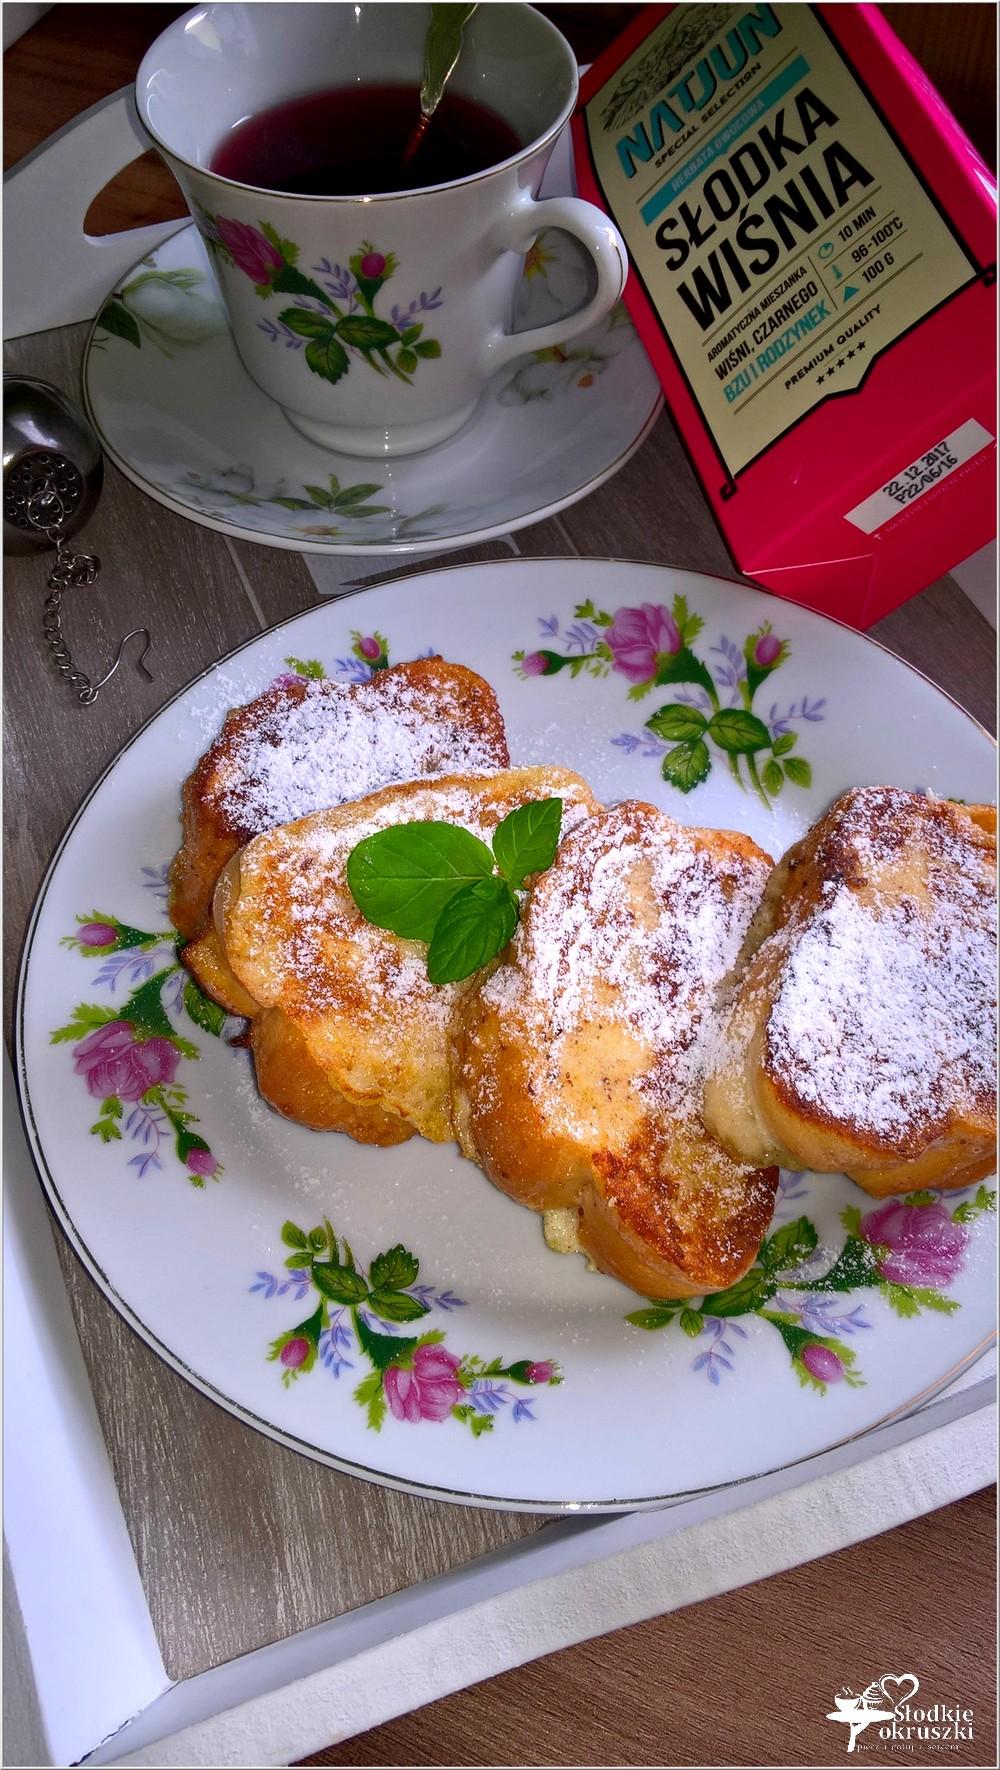 Cynamonowa chałka po francusku i łyk słodkiej wiśni (2)